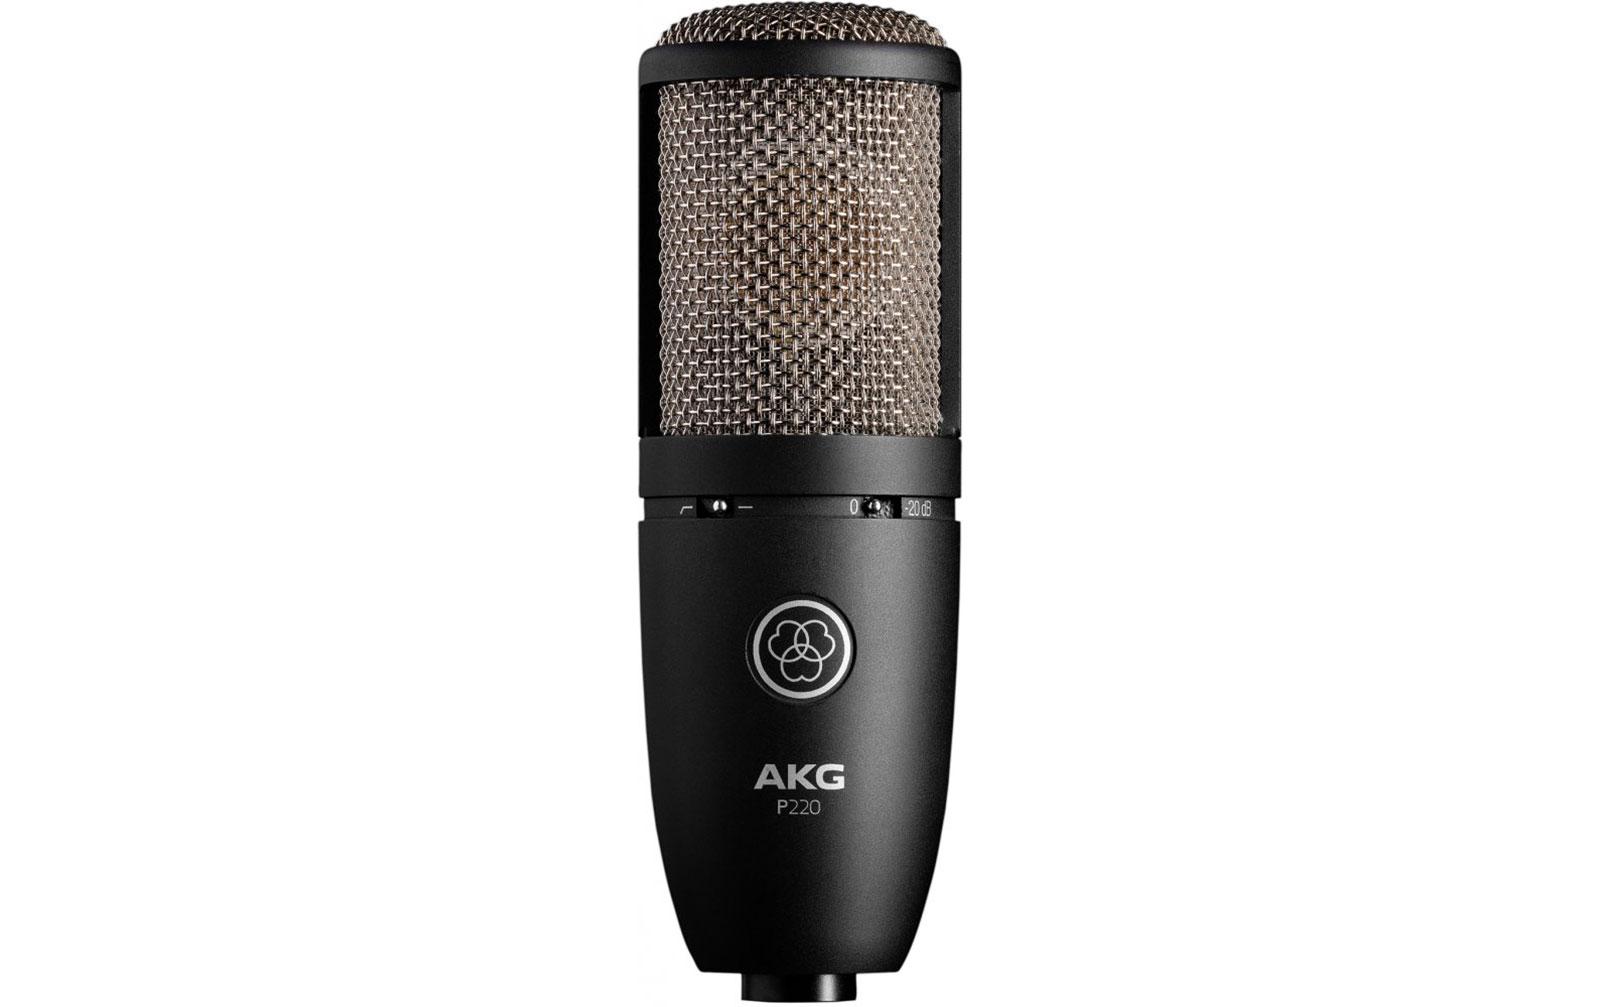 akg-p220